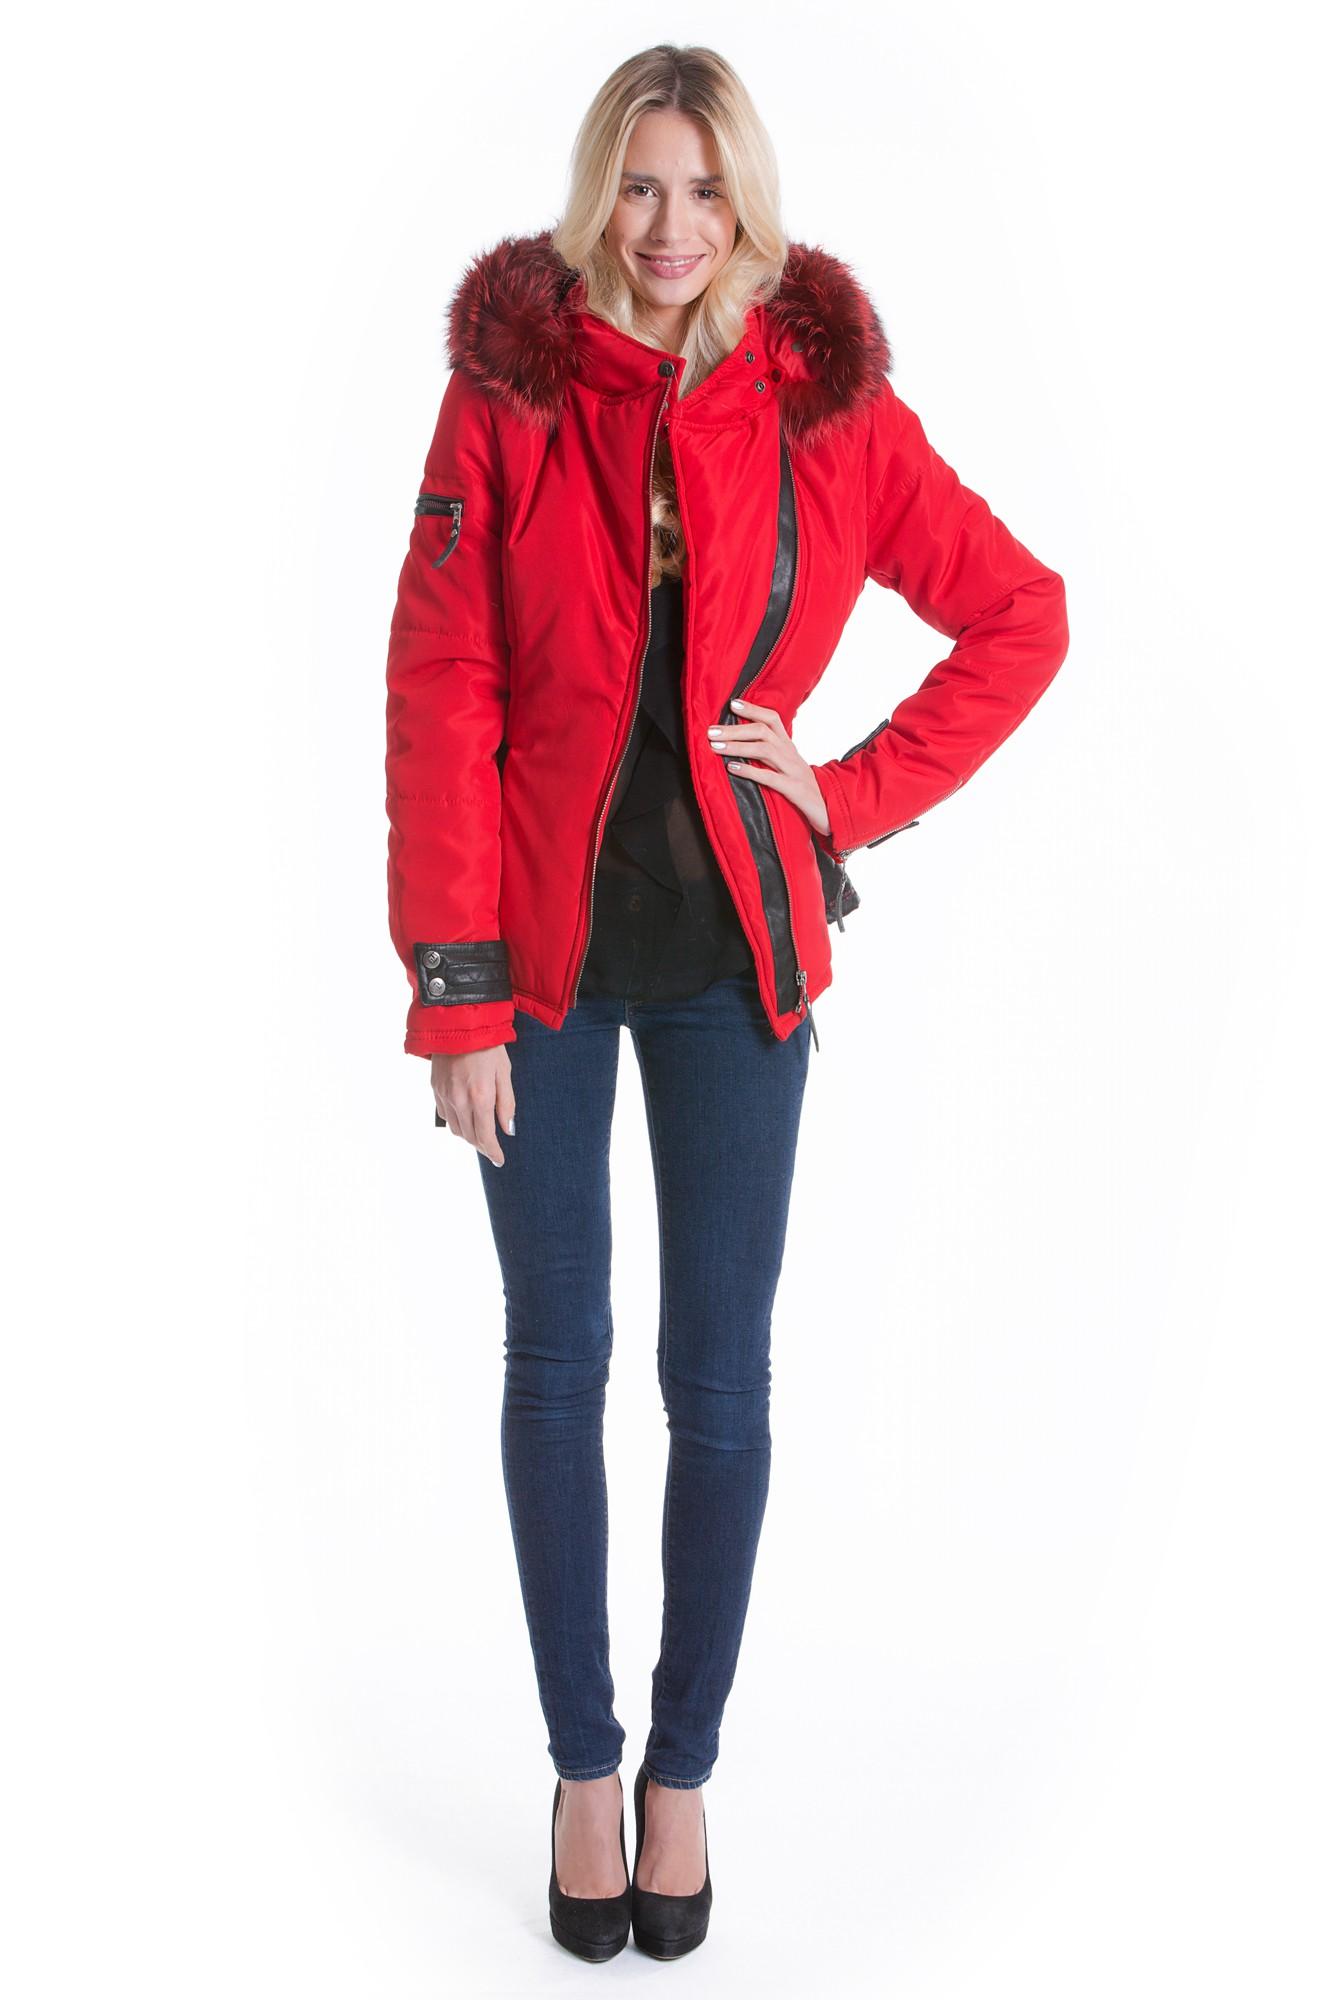 Rote Winterjacke | Jacke mit Pelzkragen | SALE |